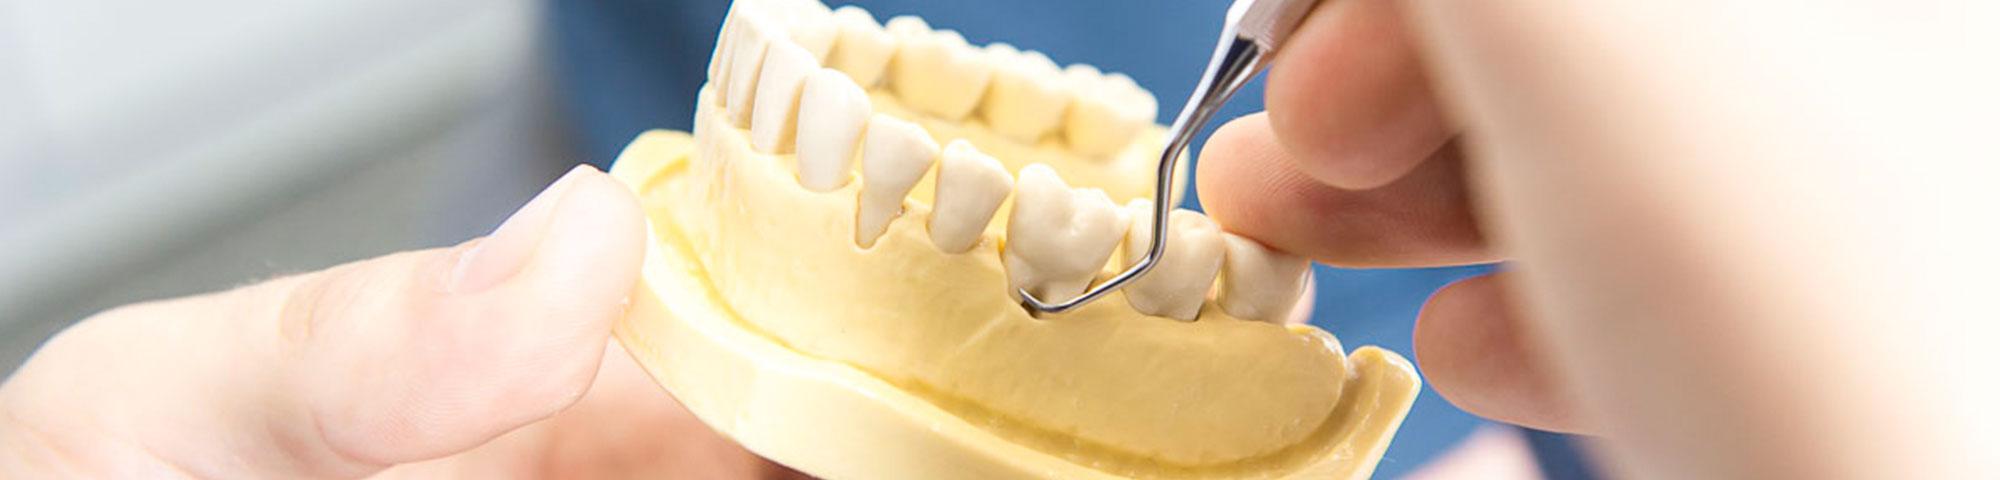 Anatomie - Zahnarzt Ratingen